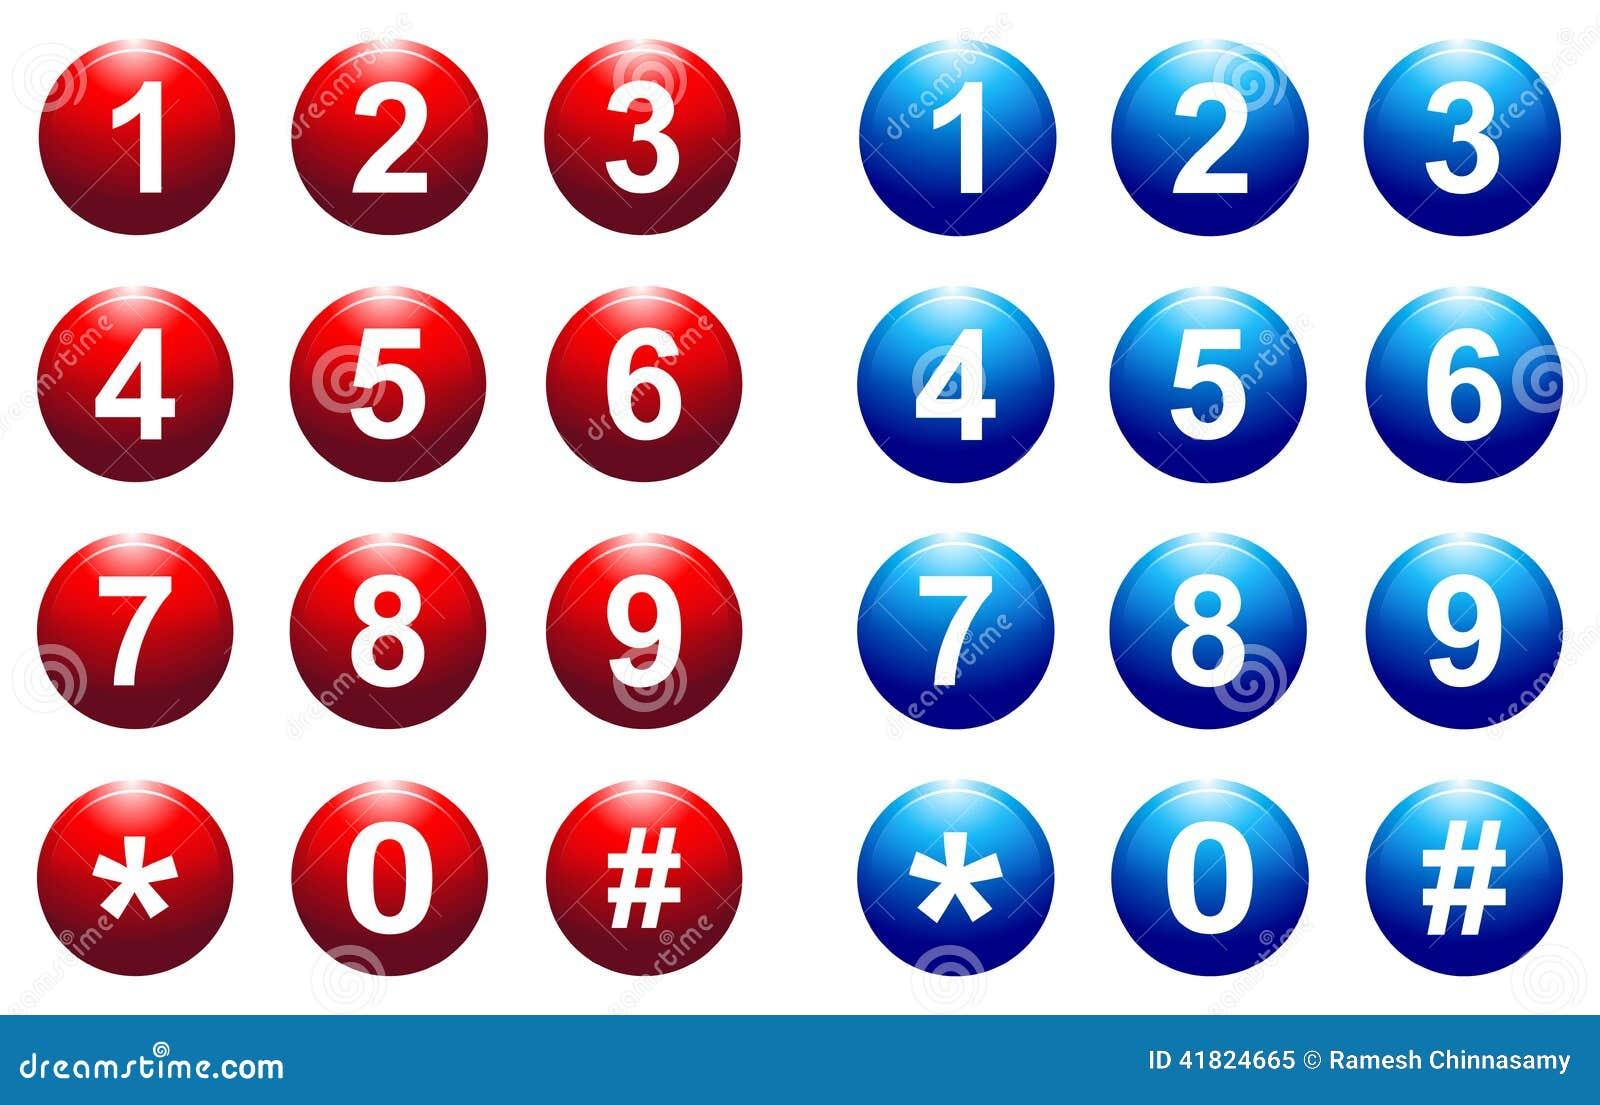 Botón del número